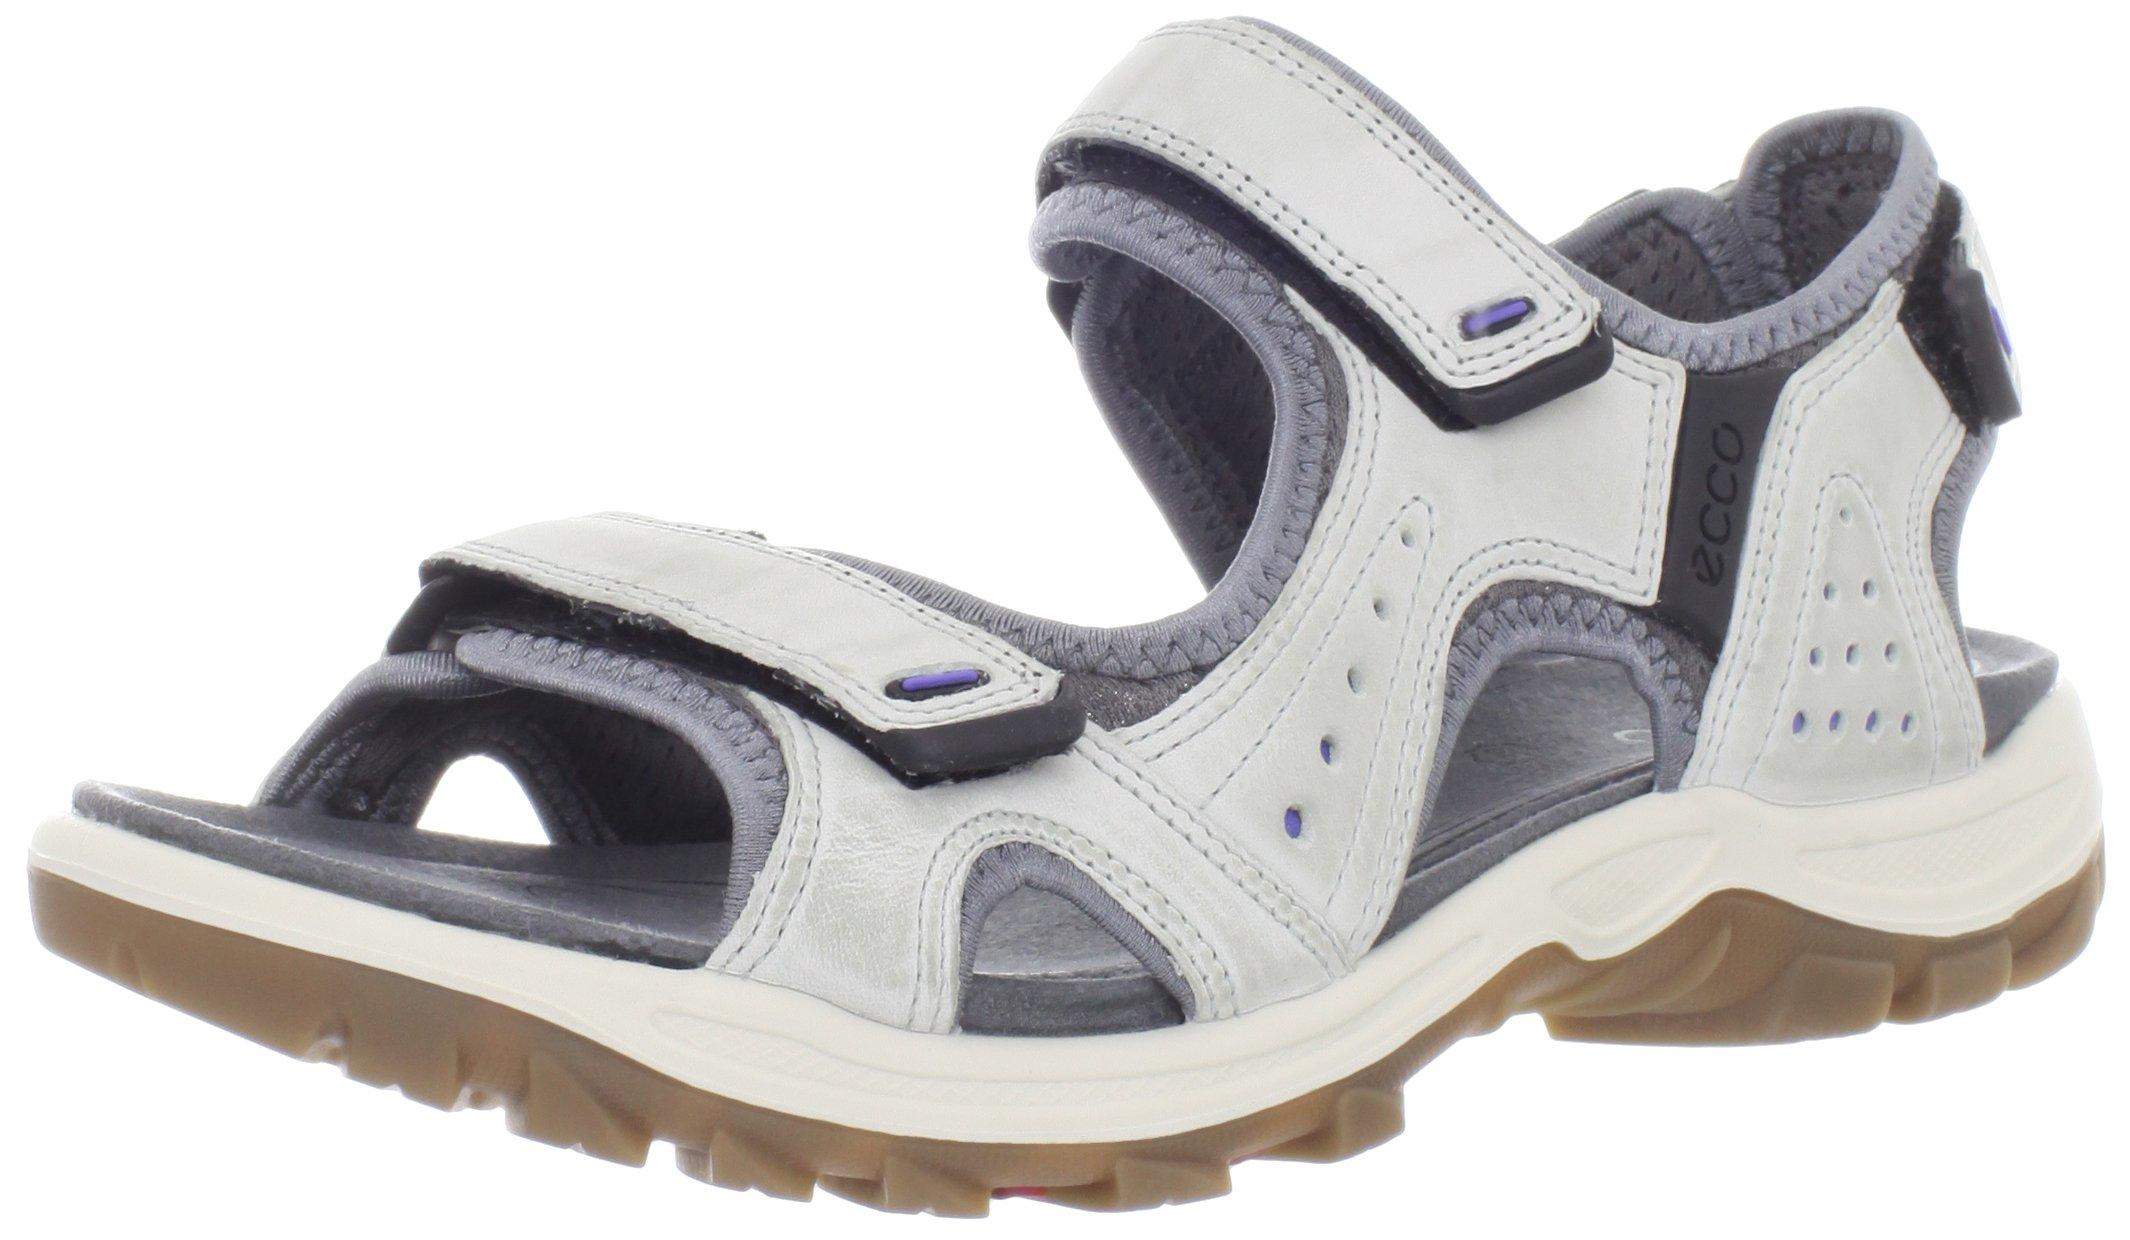 ECCO Women's Cheja Shoe,Shadow White/Baja Blue,42 EU/11-11.5 M US by ECCO